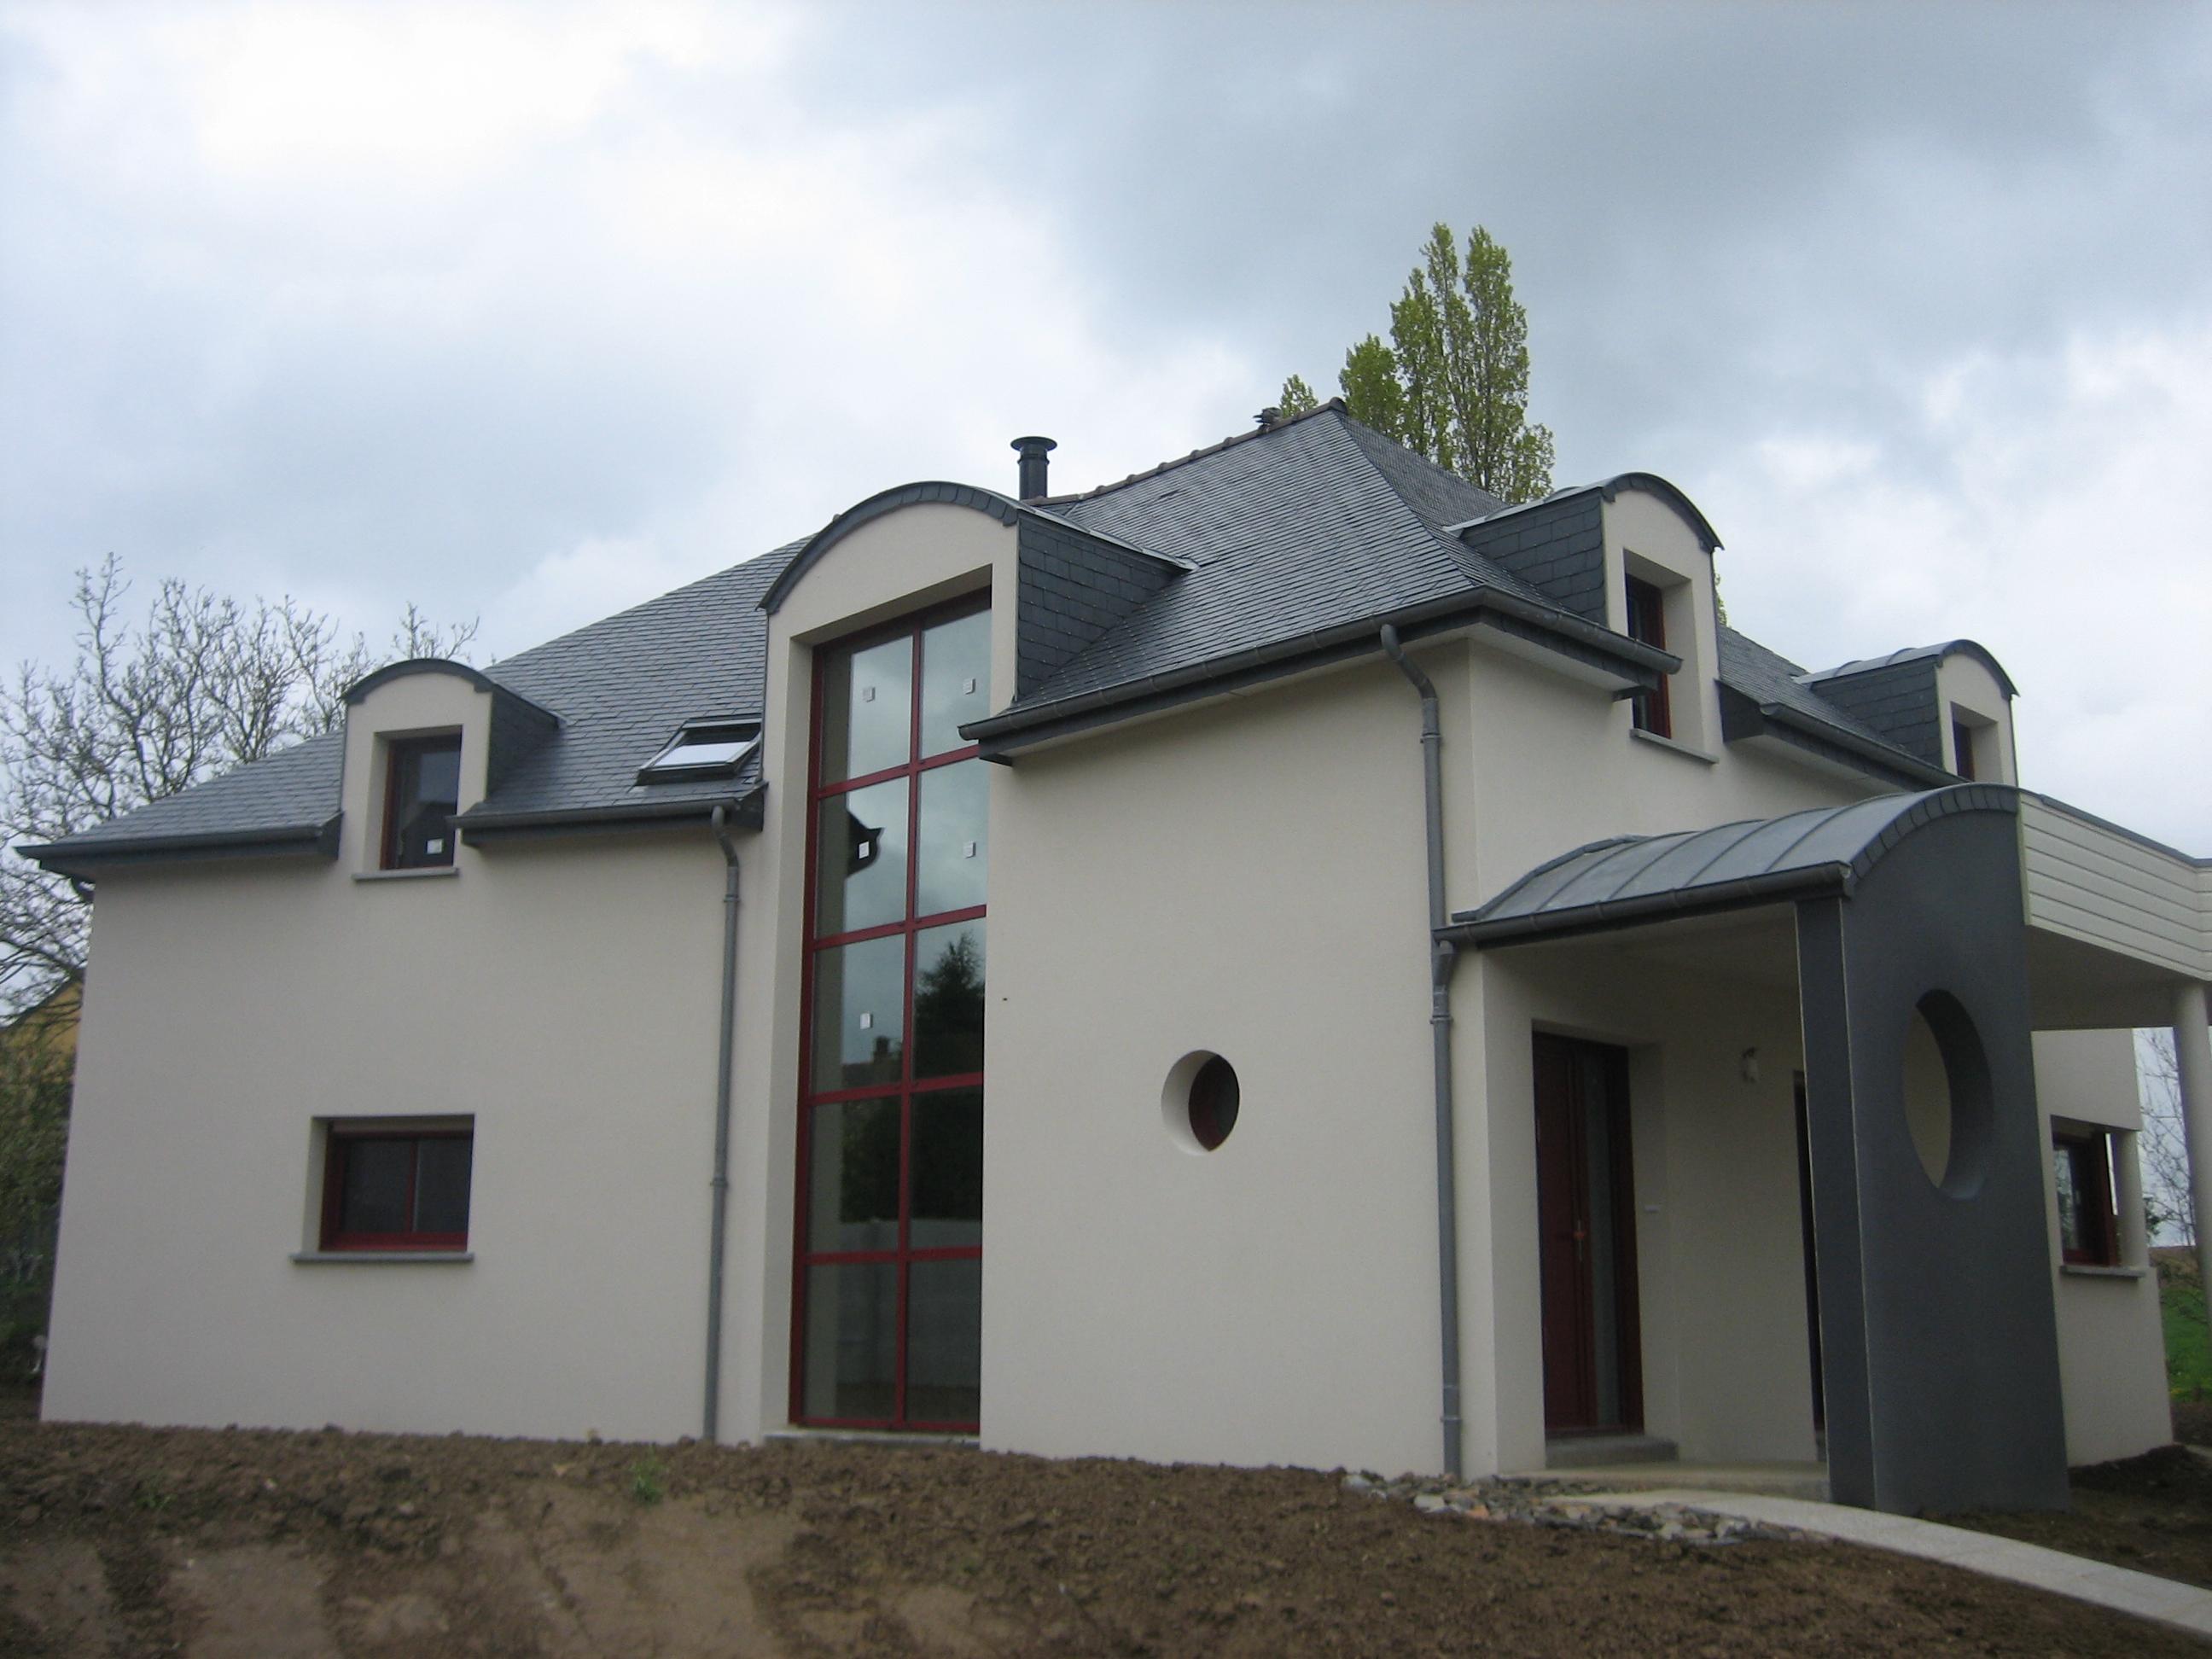 Dbl constructions constructeur maisons individuelles for Aventures de maison rennes